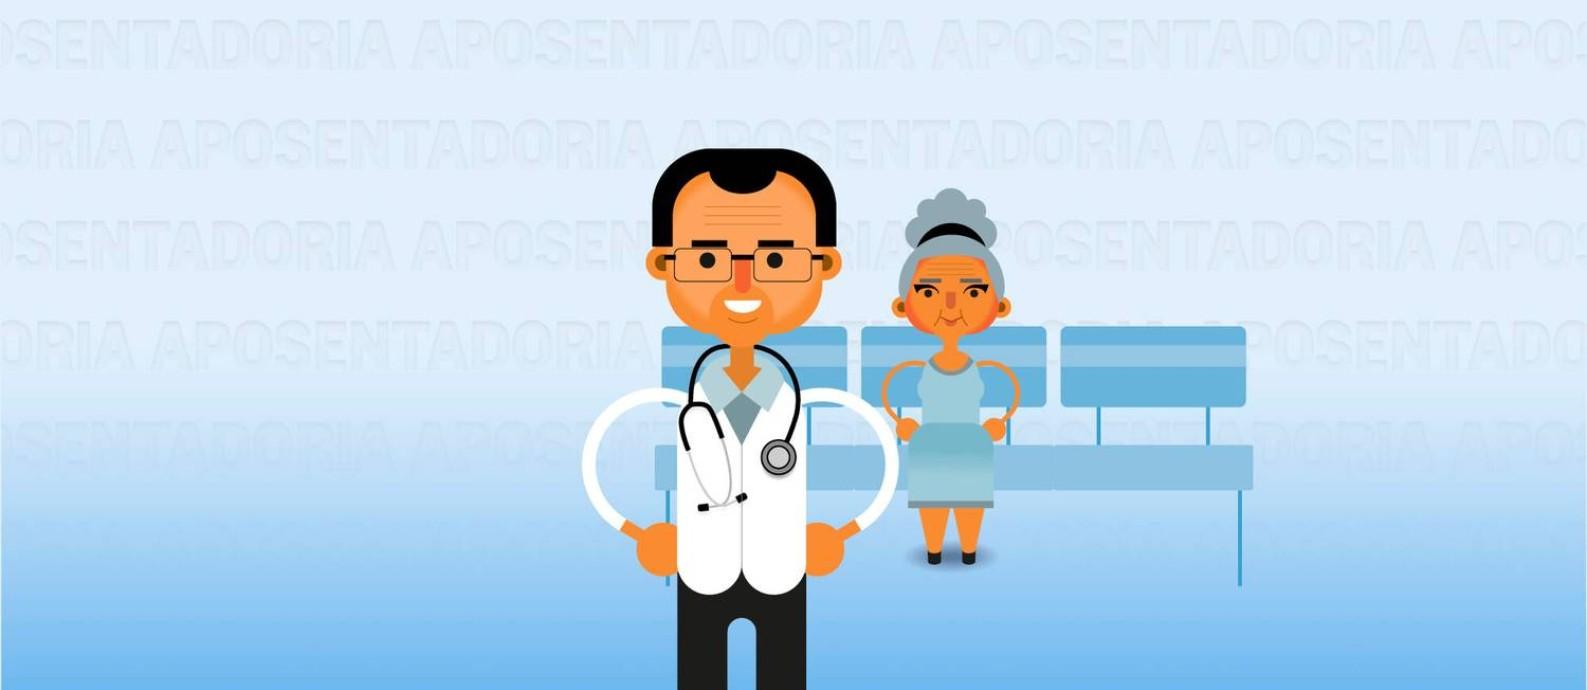 Plano de saúde é um dos principais custos na terceira idade Foto: Editoria de Arte